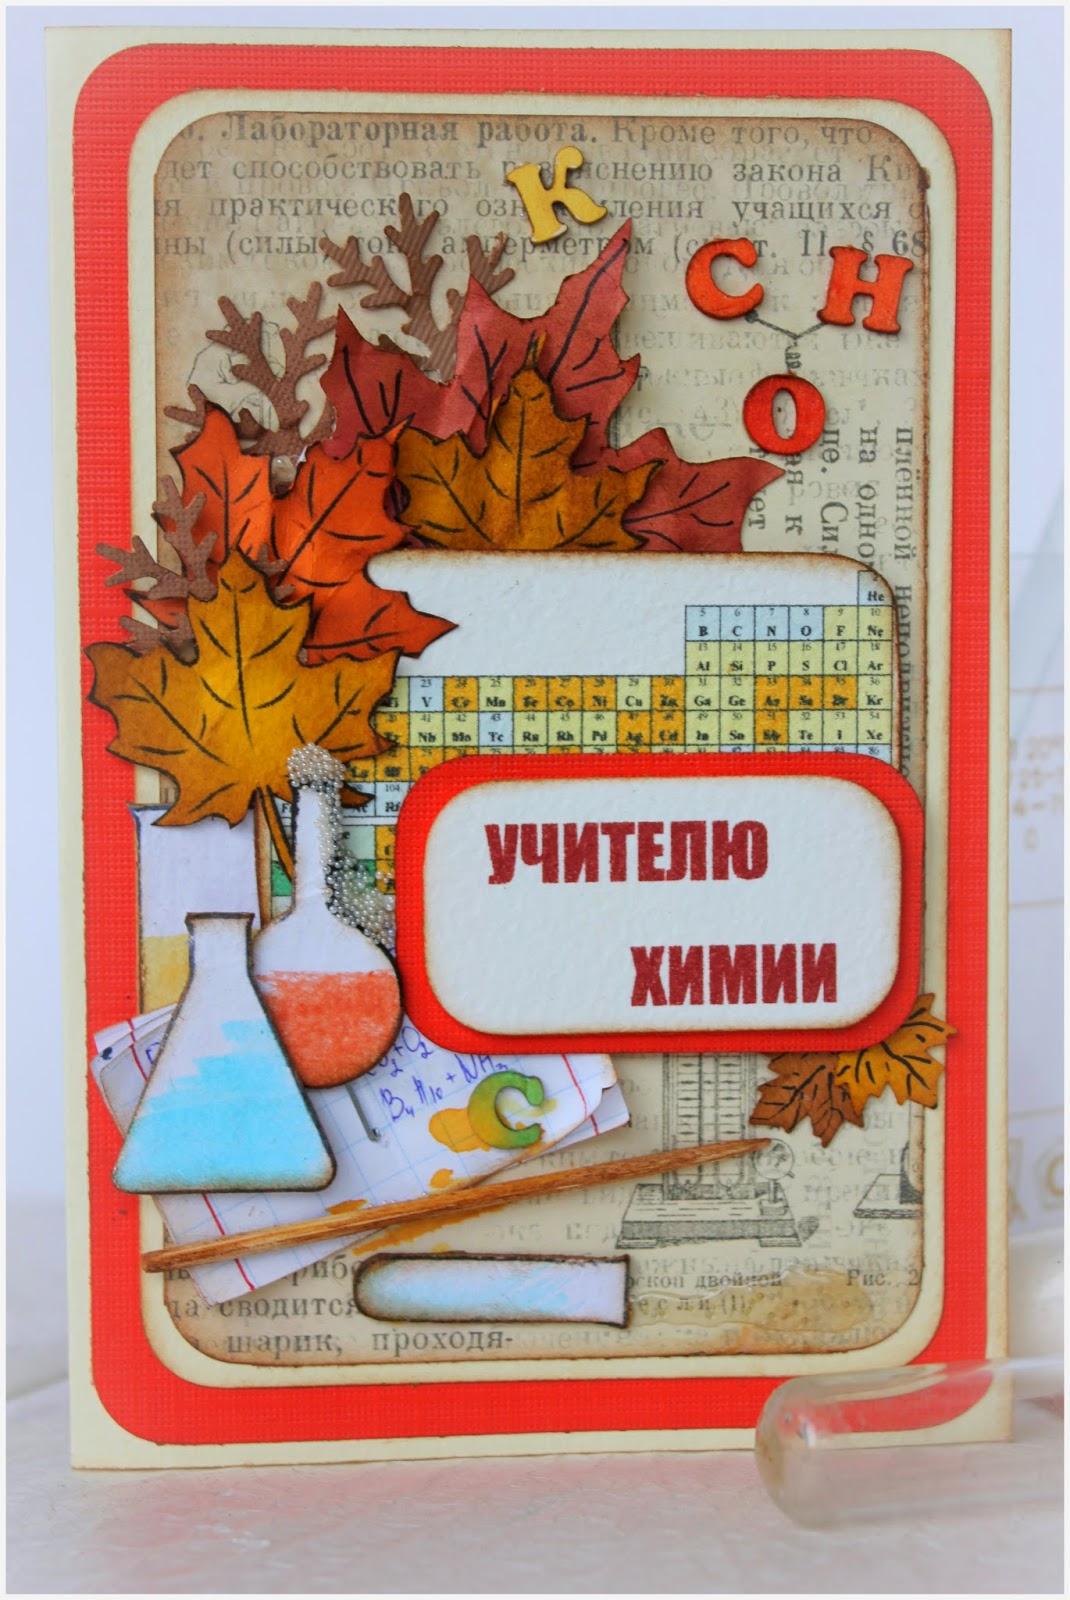 открытка для учителя химии, с днем учителя, учителю химии скрапбукинг